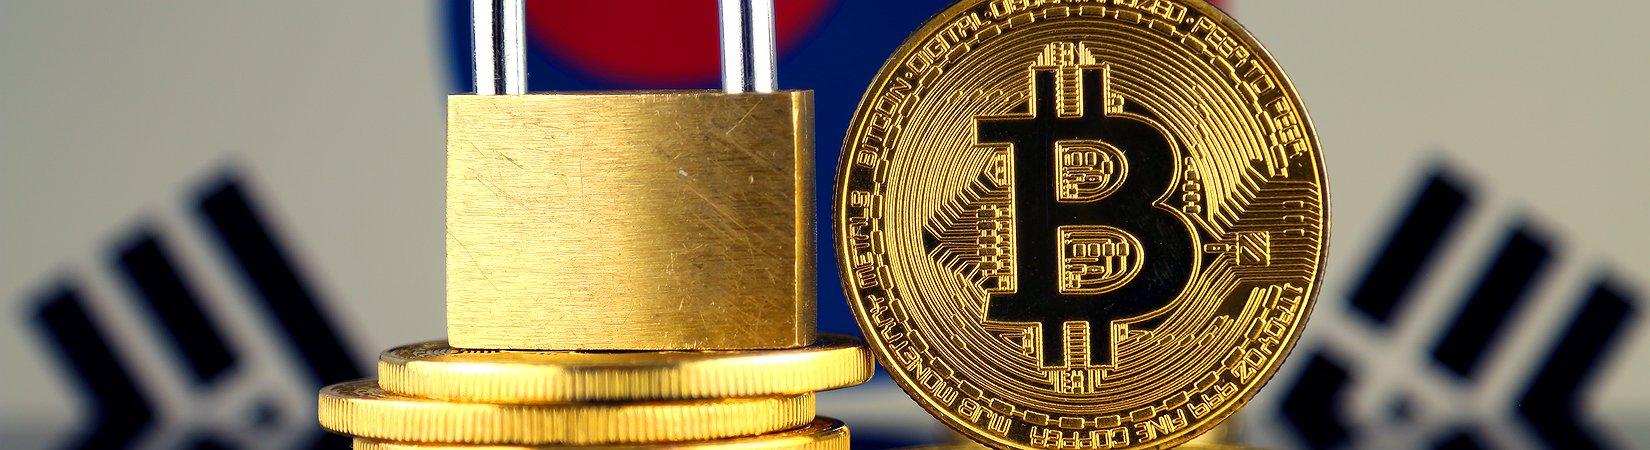 Revisión del mercado de las criptomonedas: noticias más importantes del 24/01/2018